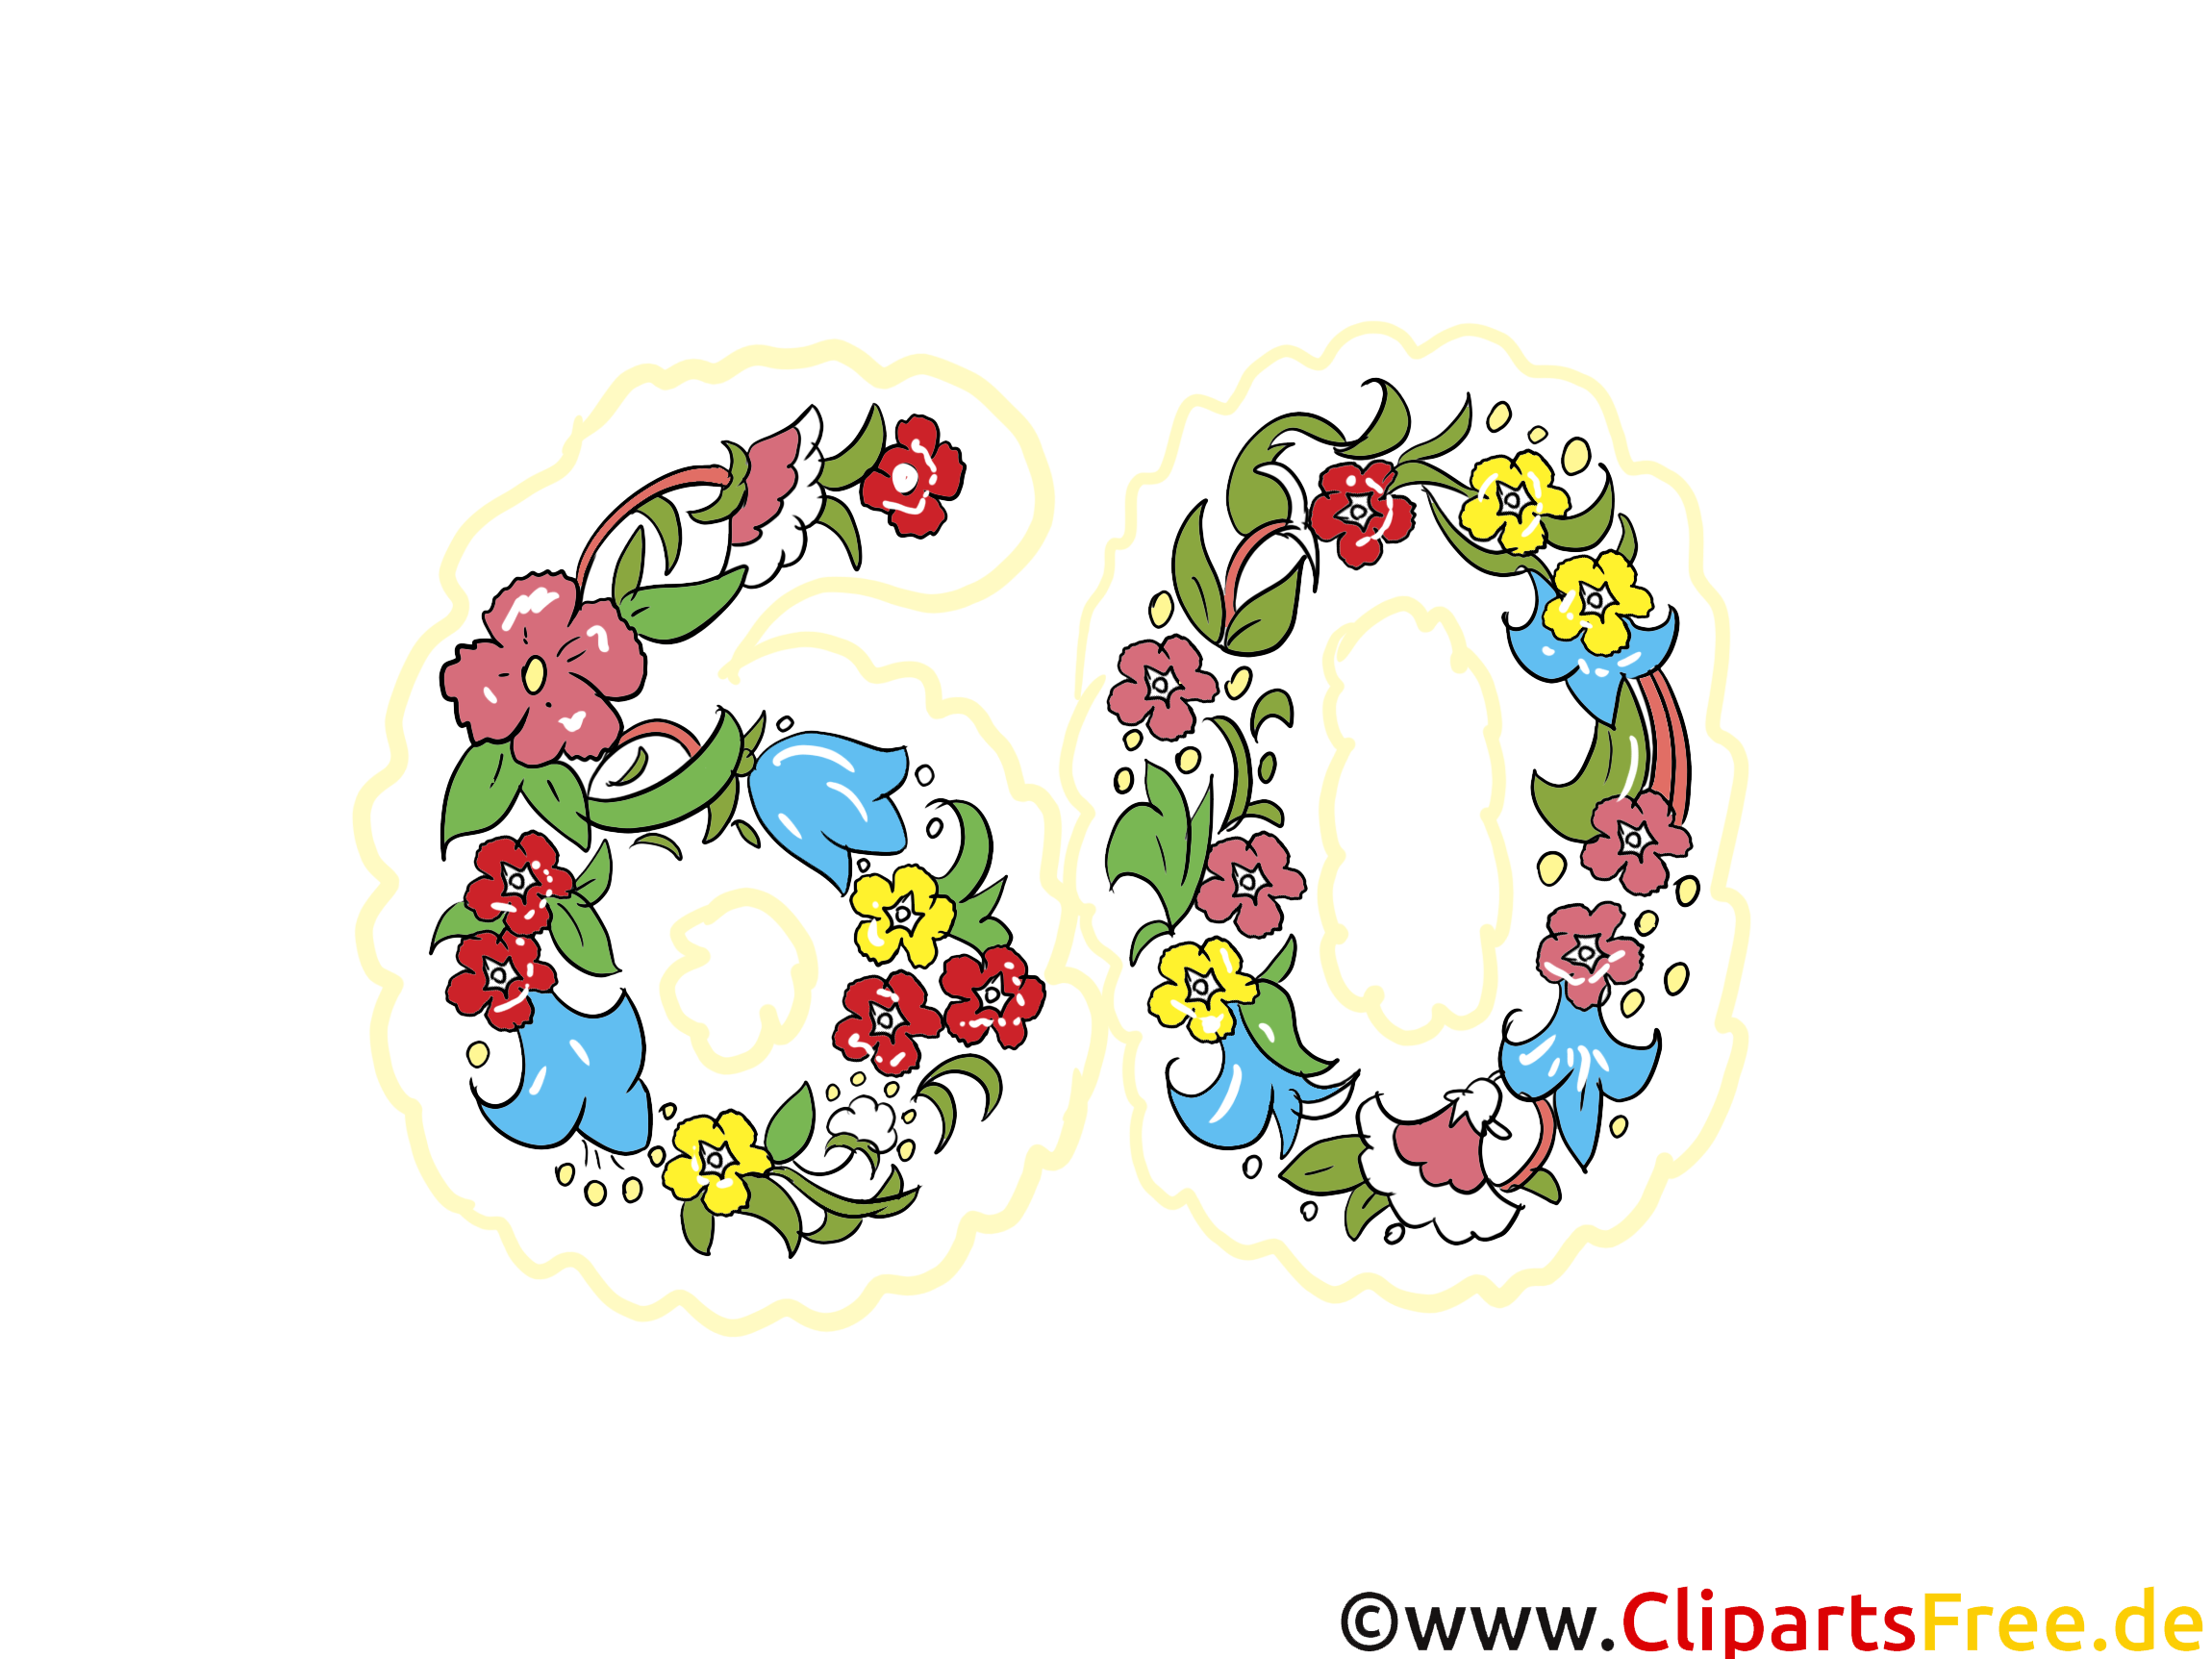 60 ans images anniversaire dessins gratuits anniversaire dessin picture image graphic - Clipart anniversaire gratuit telecharger ...